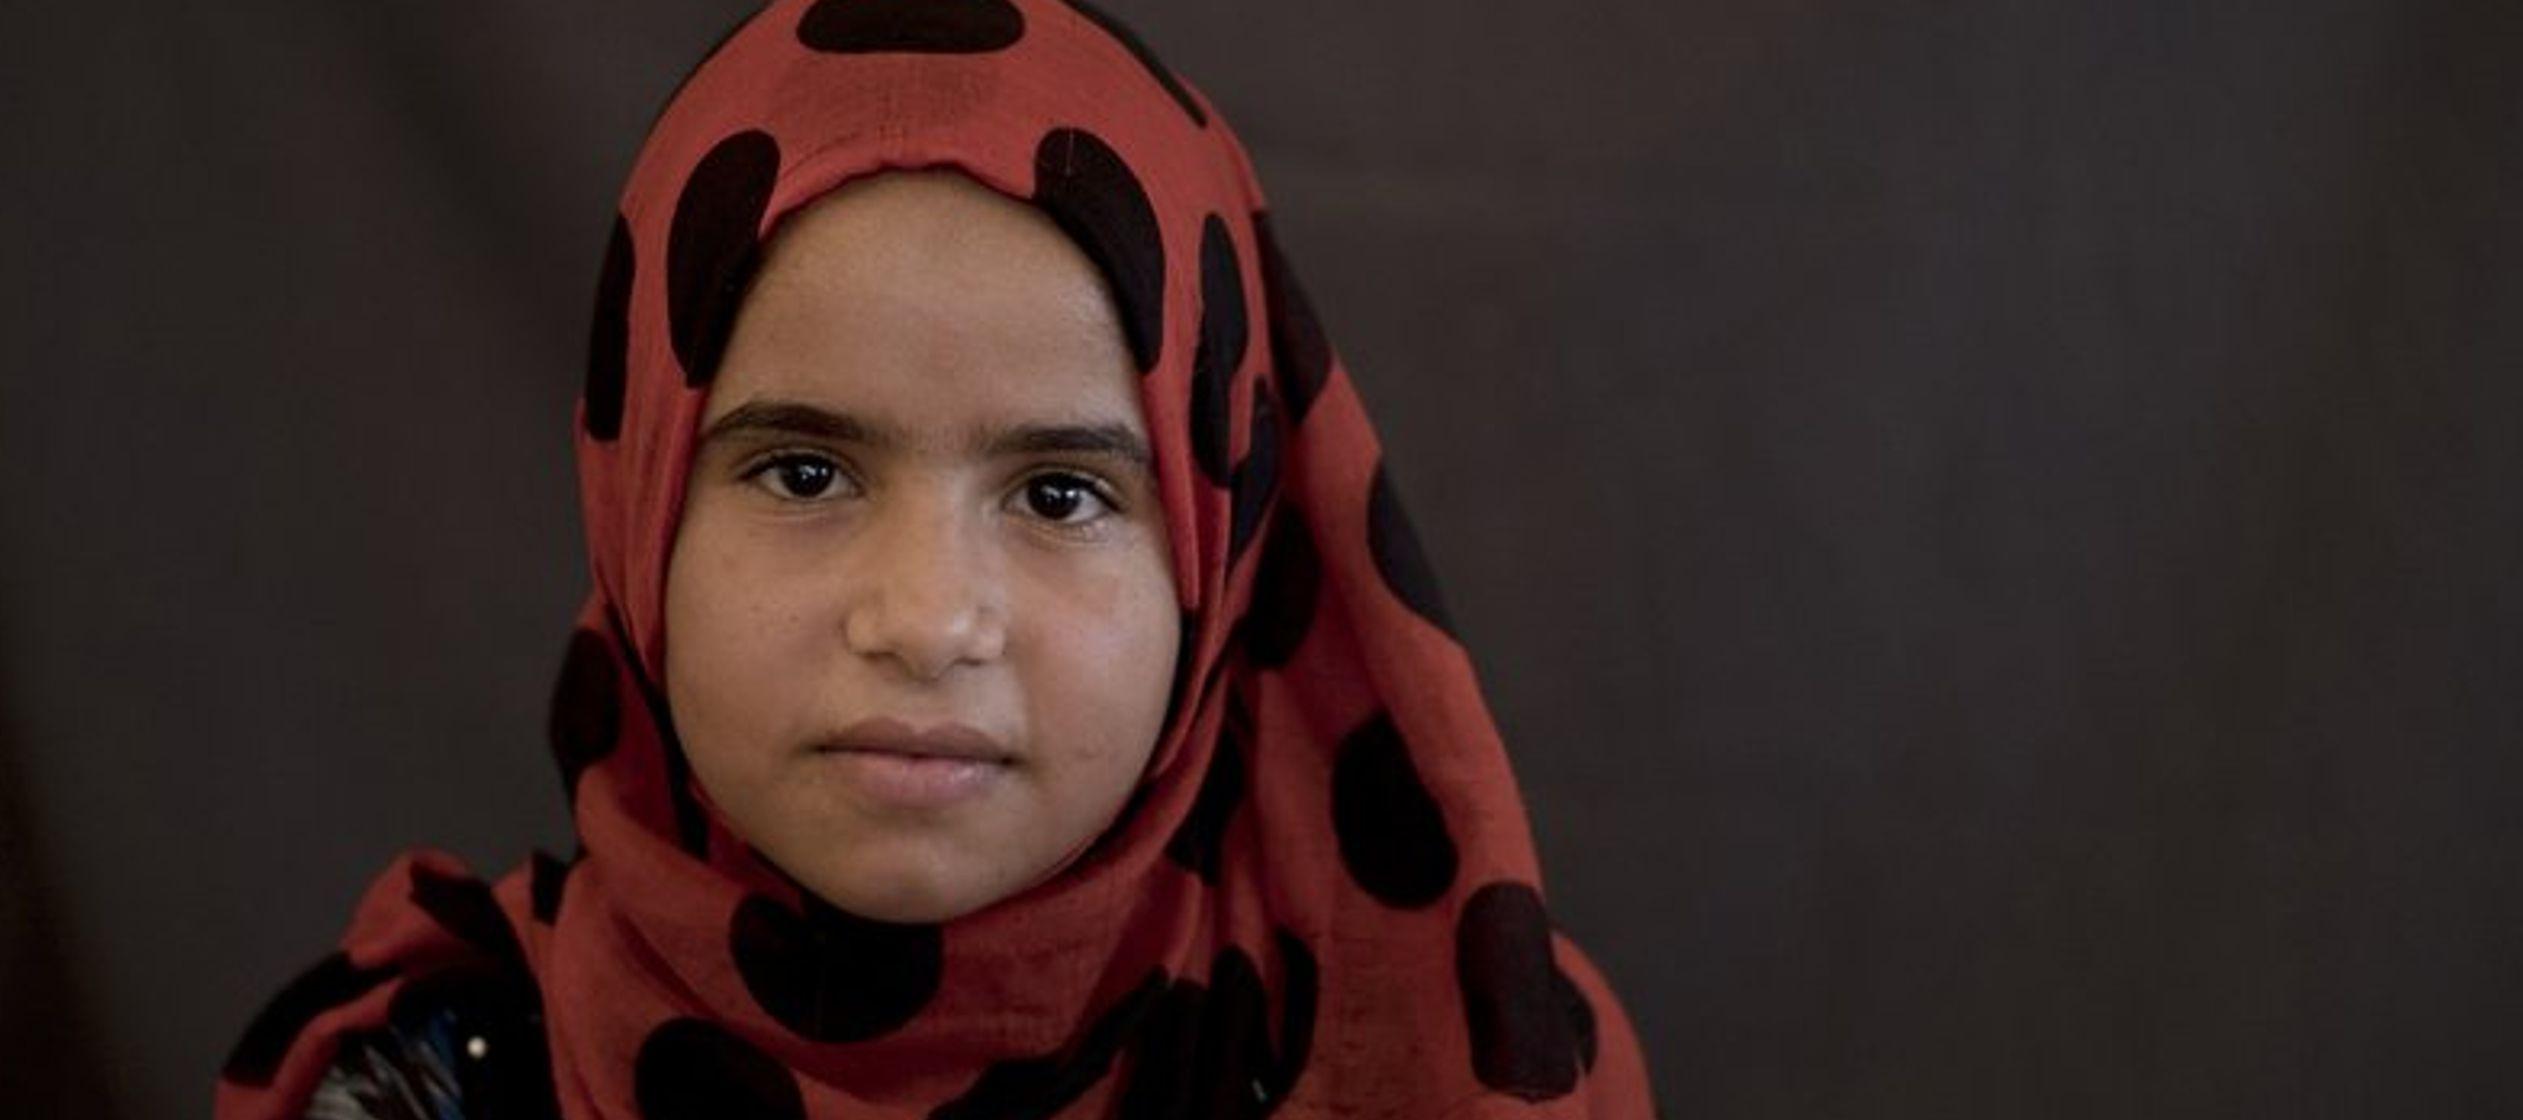 """""""Estoy cansada"""", dice Dawlat, una pequeña niña de 12 años, de rostro..."""